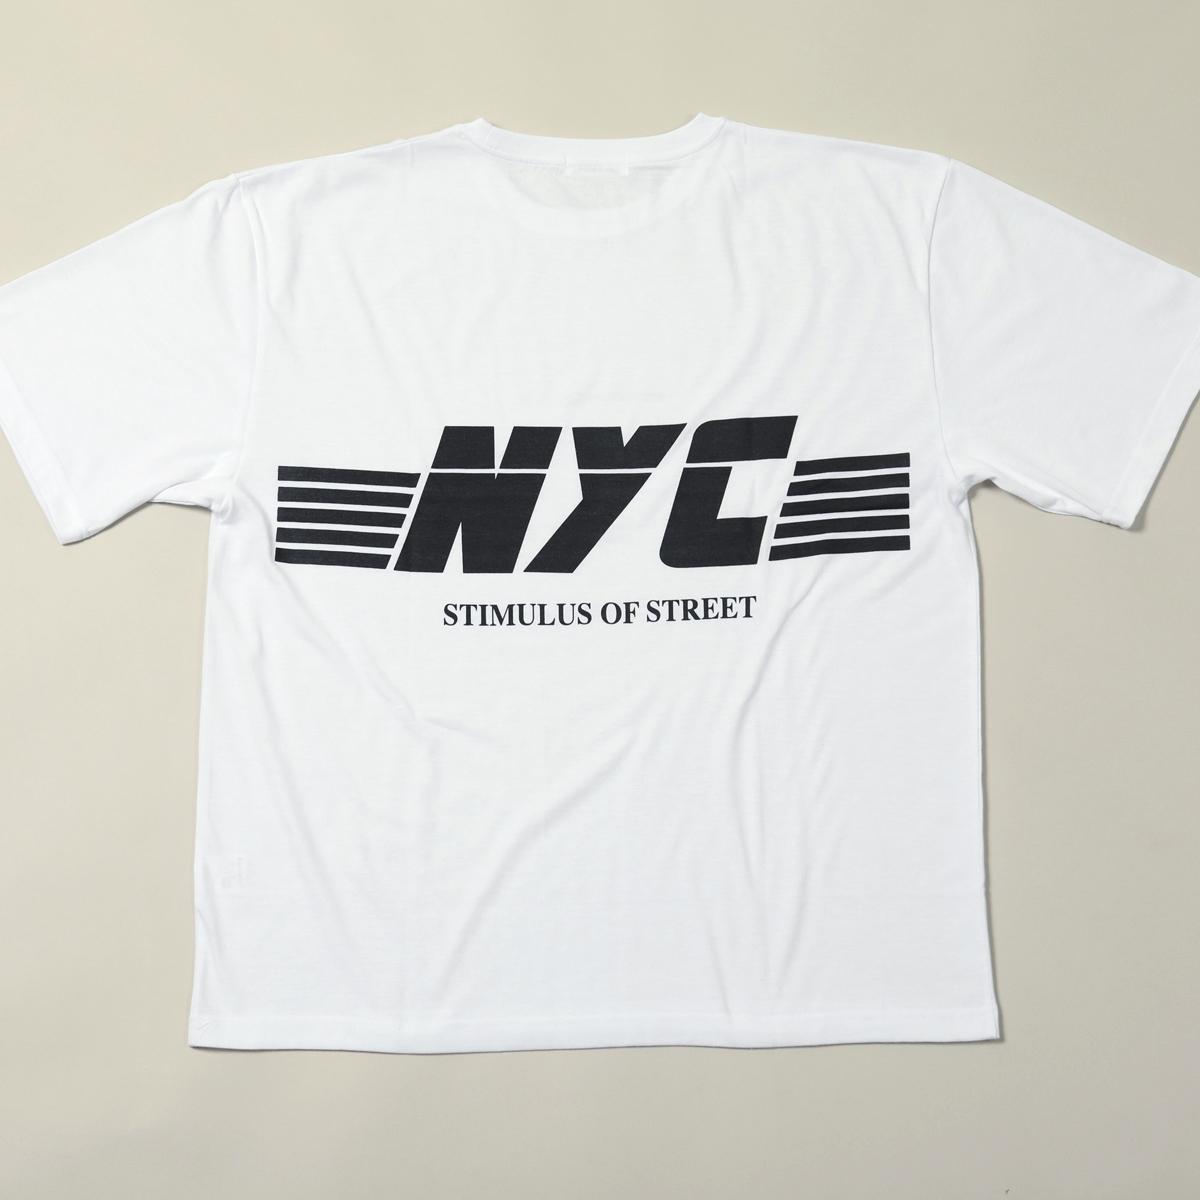 プリント半袖クルーネック <NYC>